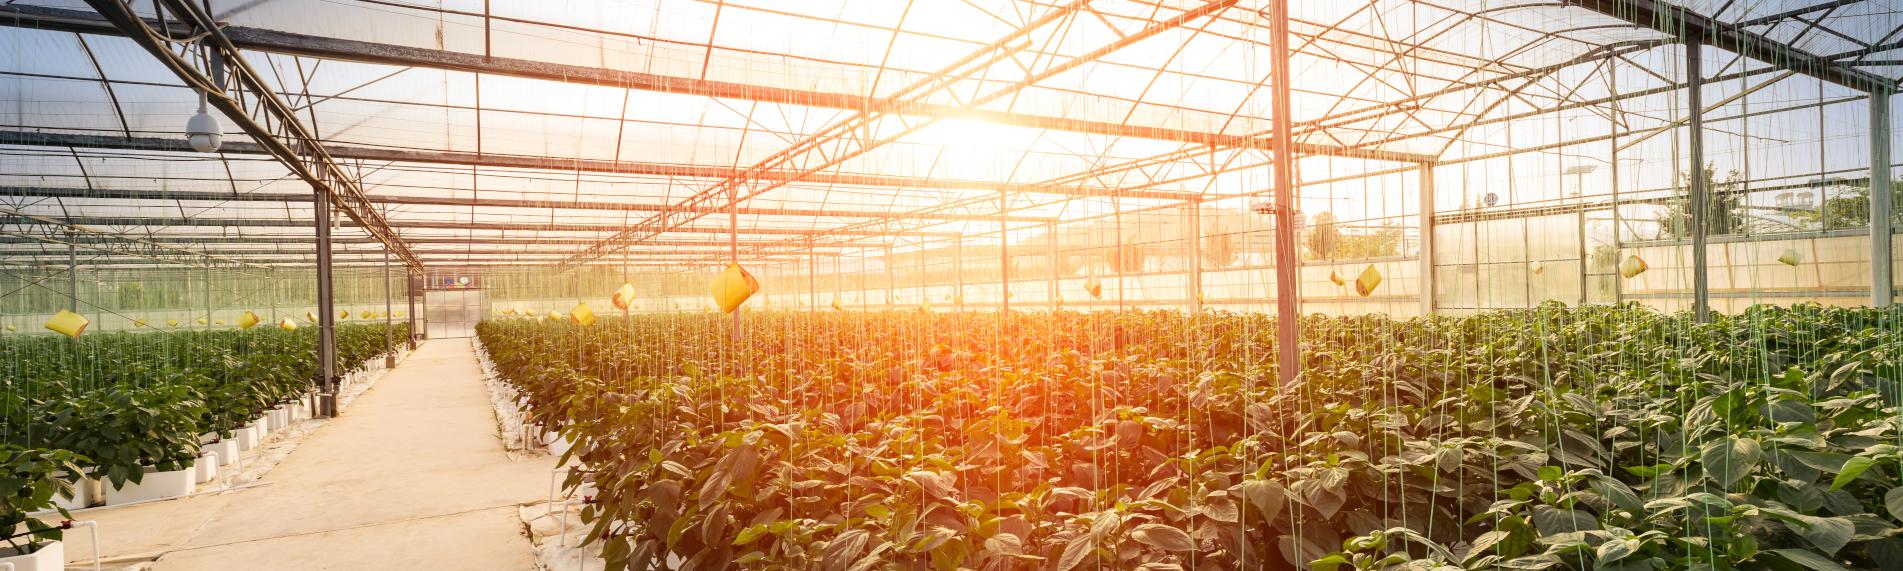 Få den optimala plantmiljön med befuktning